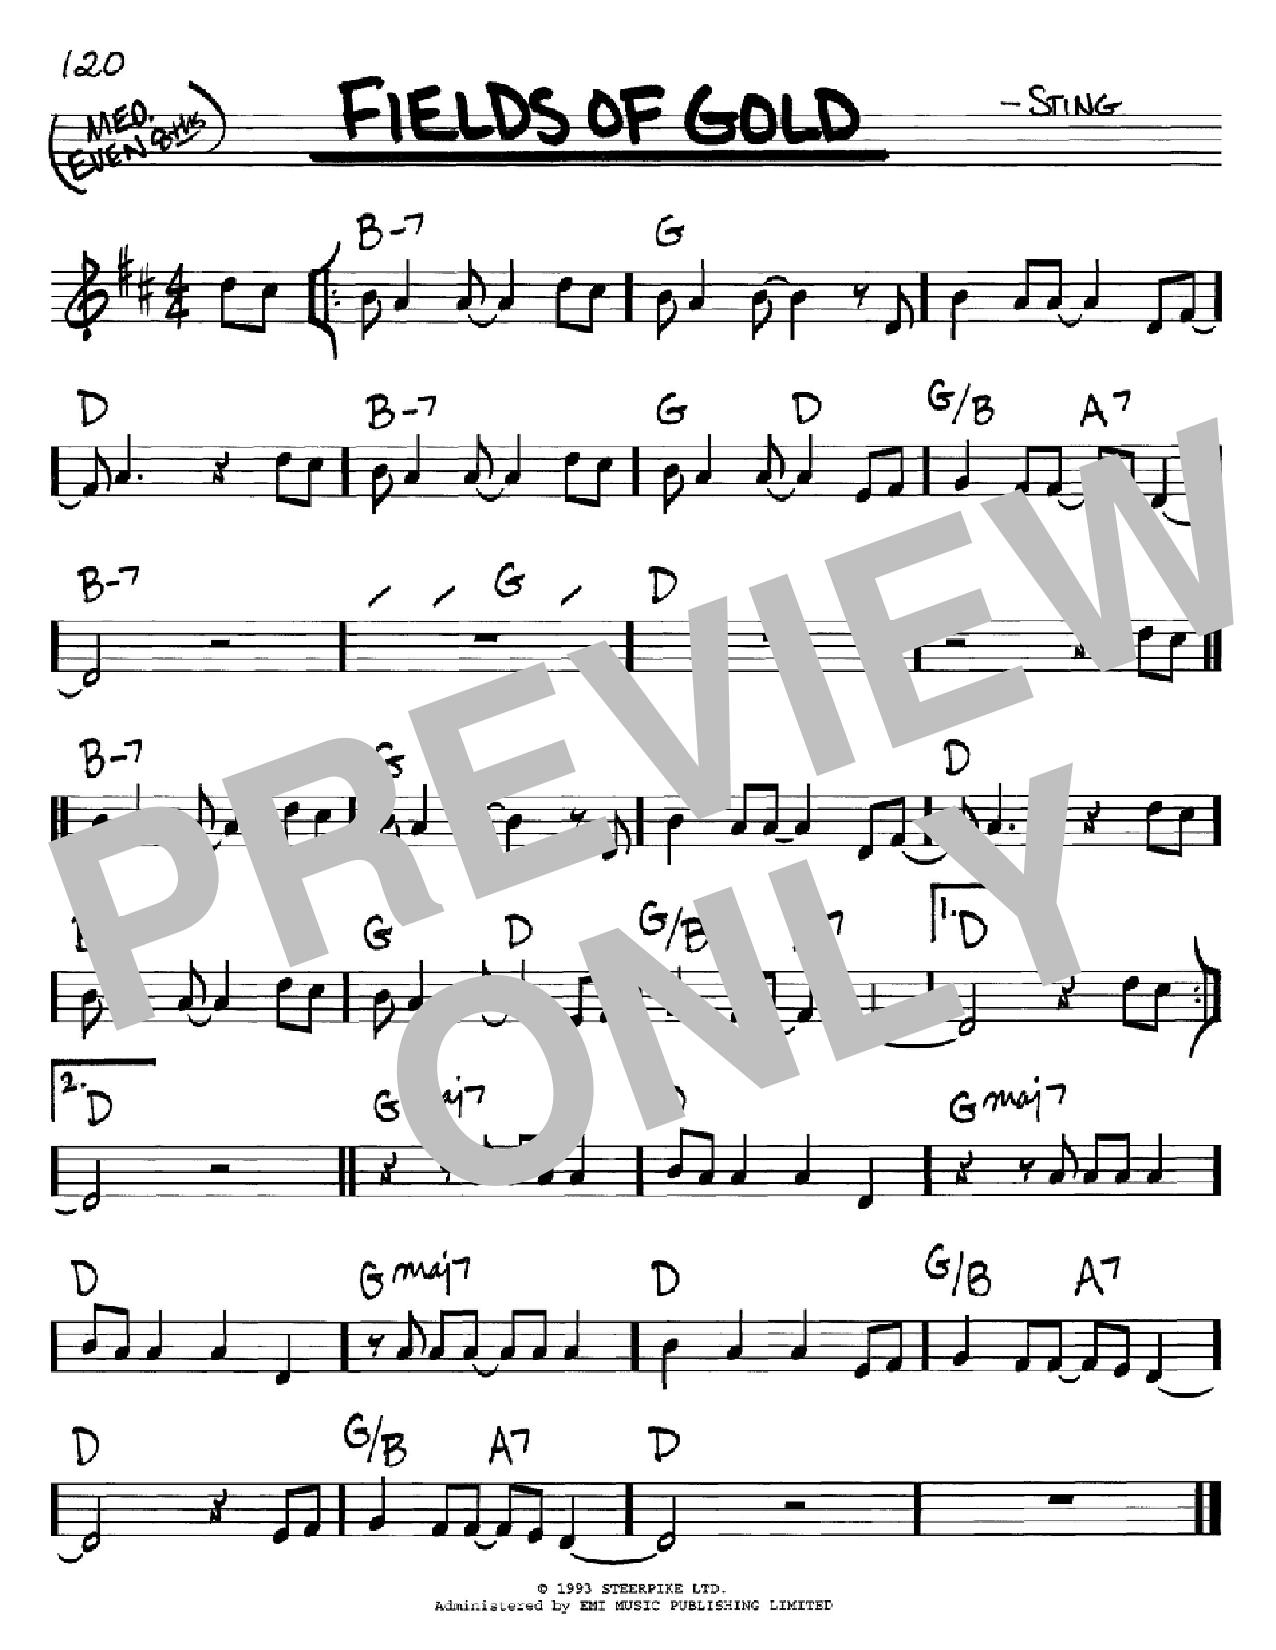 Partition autre Fields Of Gold de Sting - Real Book, Melodie et Accords, Inst. En Do